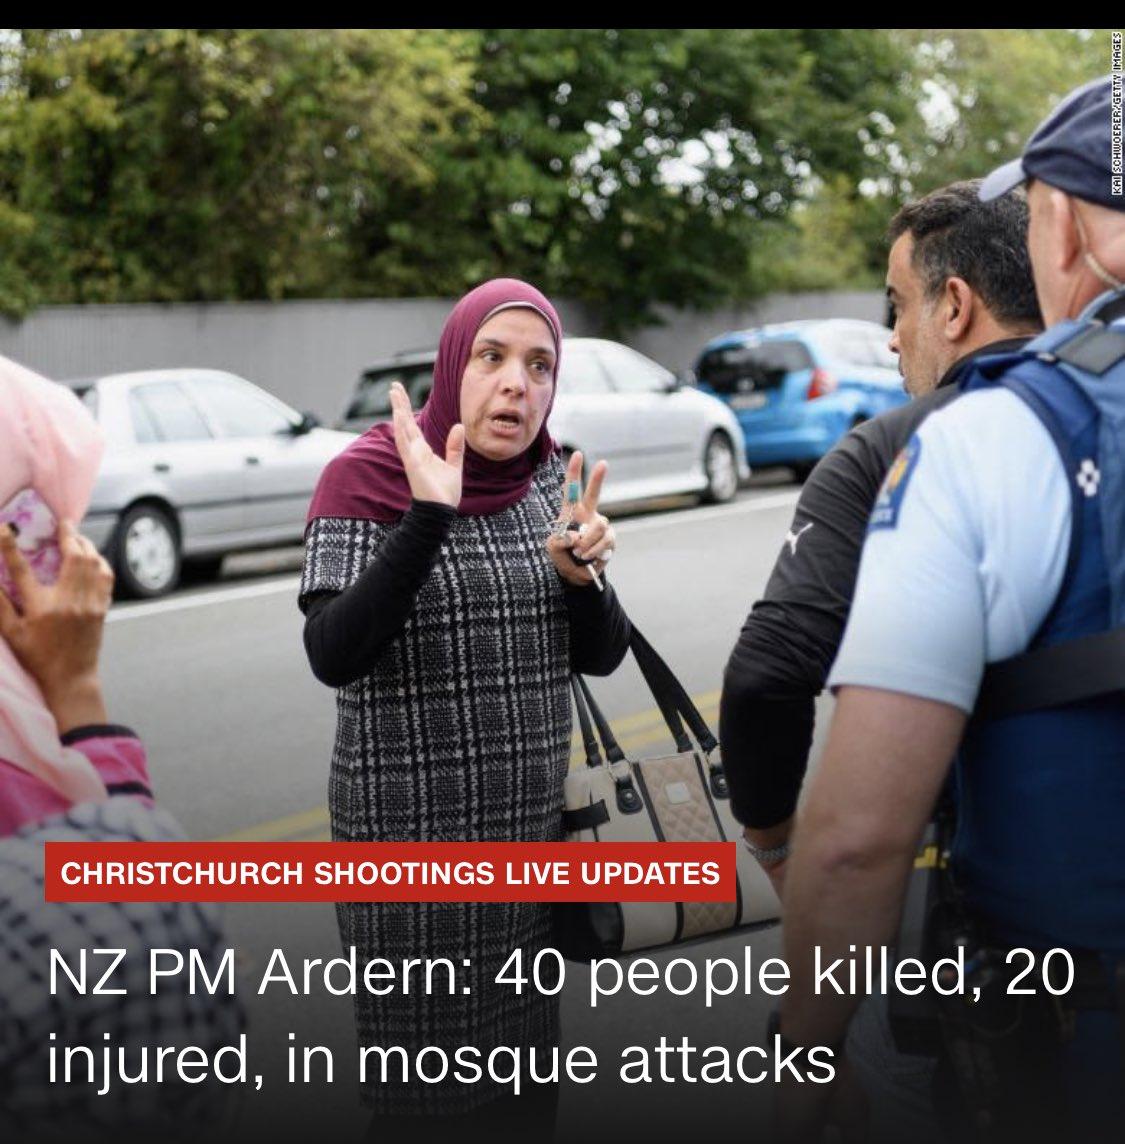 نیوزی لینڈ میں حملے کے مقامات مساجد نہیں چرچ ہوتے  حملہ آور مسلمان ہوتا تو پورا مغرب حملہ آور کے پیچھے اس مخبوط الحواس شخص کے پاگل جنونی ہونے کے بجاۓ اس کے مسلمان ہونے میں ڈھونڈتا اور تمام مغربی میڈیا اسلامی دنیا کے خلاف طبل جنگ بجا چکا ہوتا، یاد رہے دہشت گرد کا کوئ مزہب نہیں